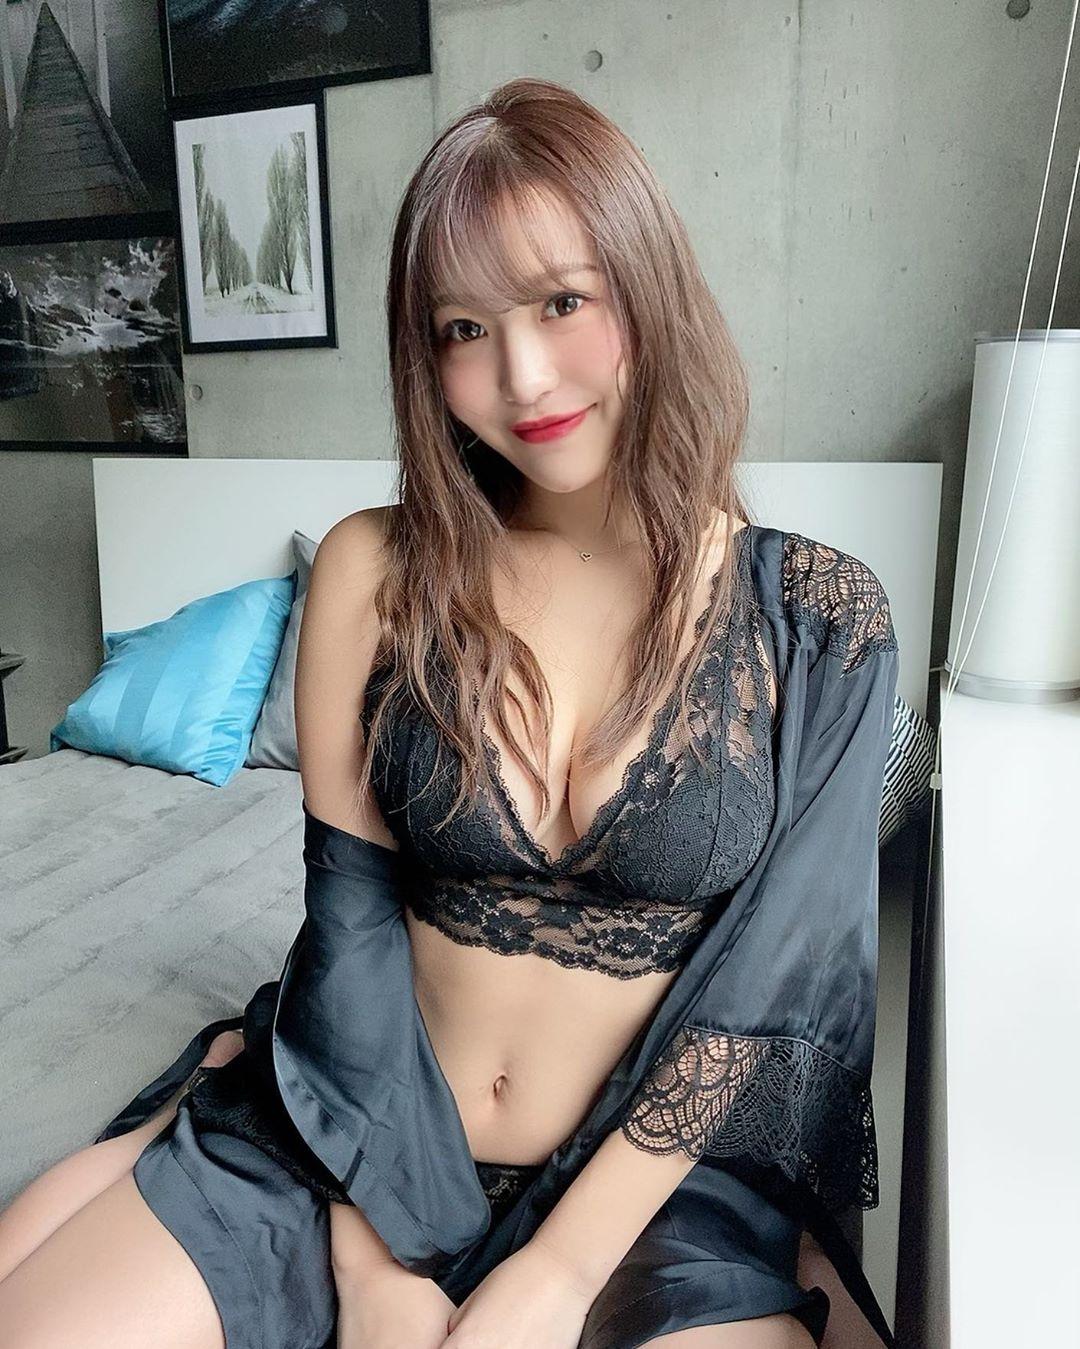 ishihara_yuriko134.jpg